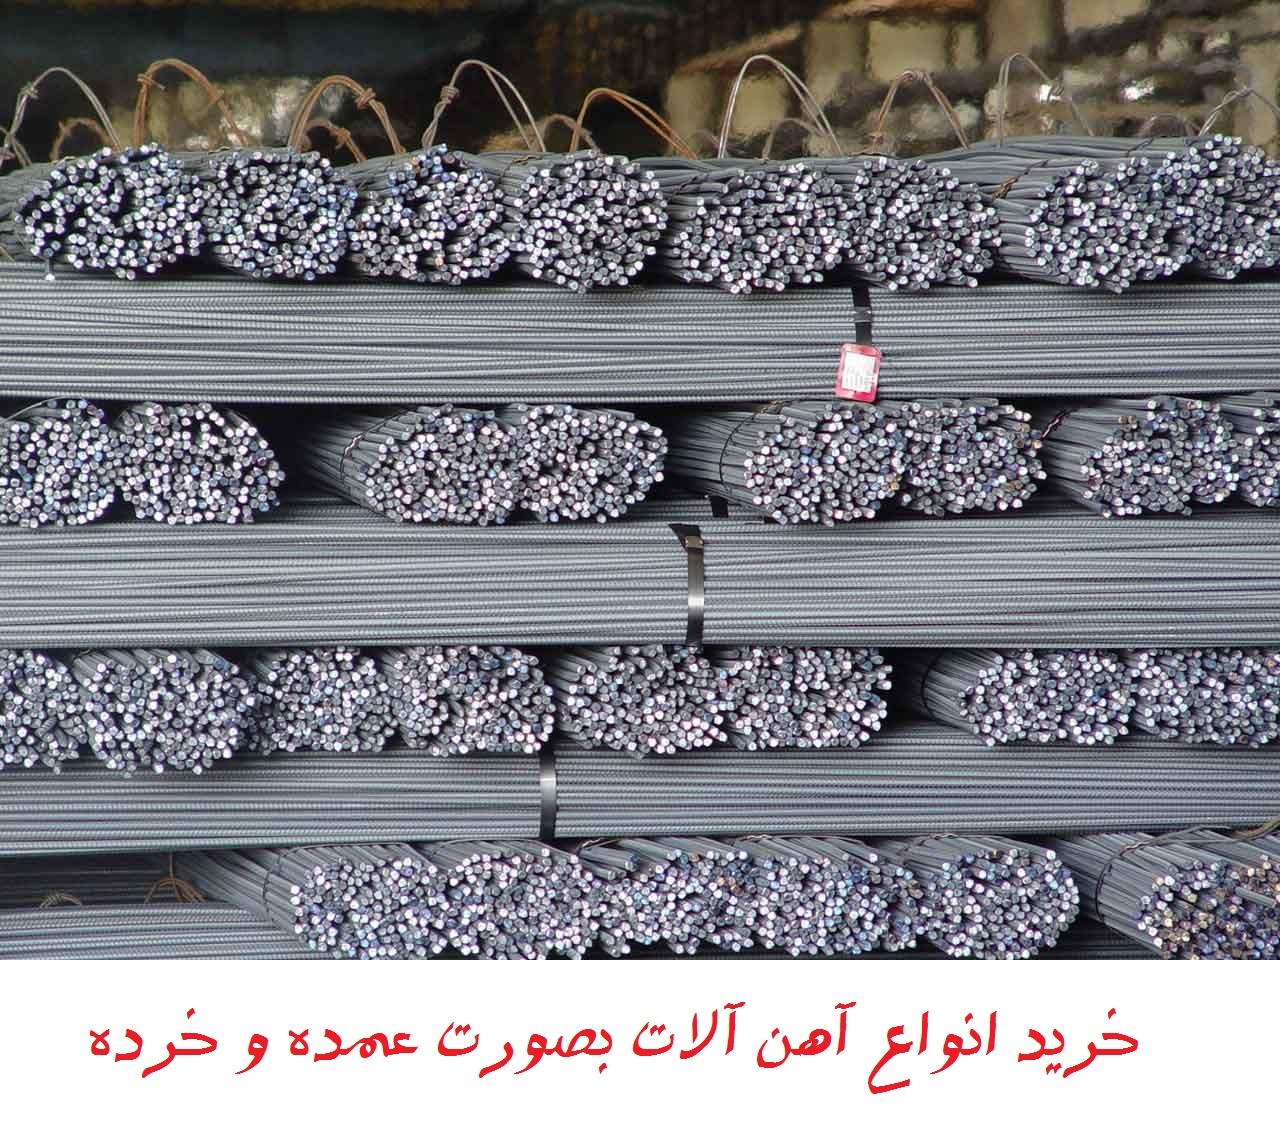 خرید آهن آلات عمده و خرده ahanalatiran.ir